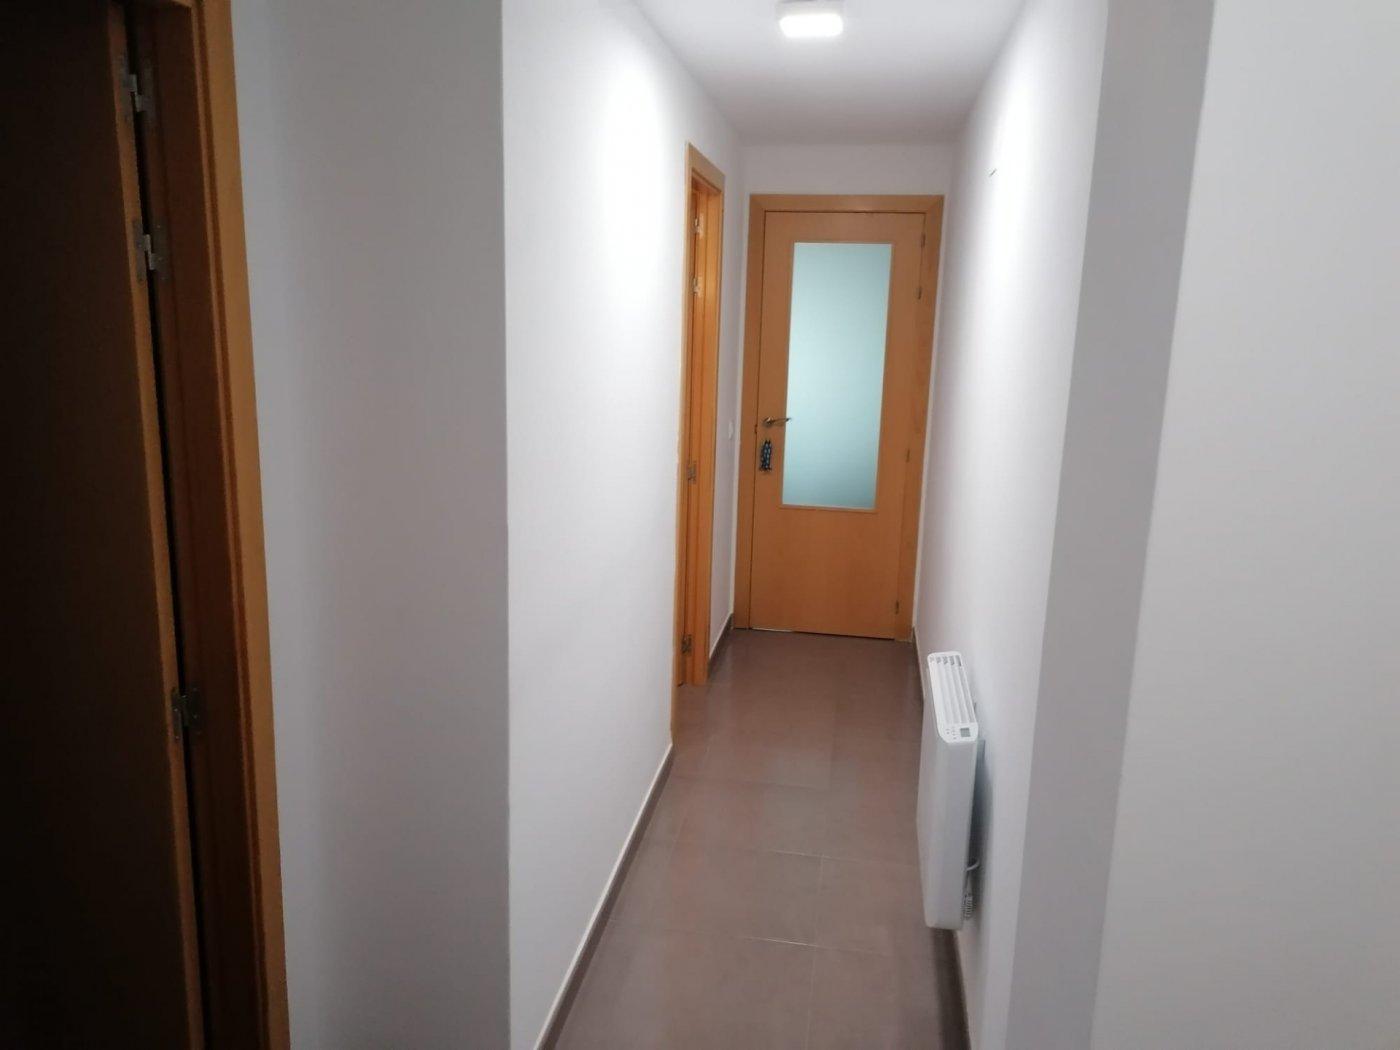 Fantástico apartamento en peñíscola 1 hab - imagenInmueble17